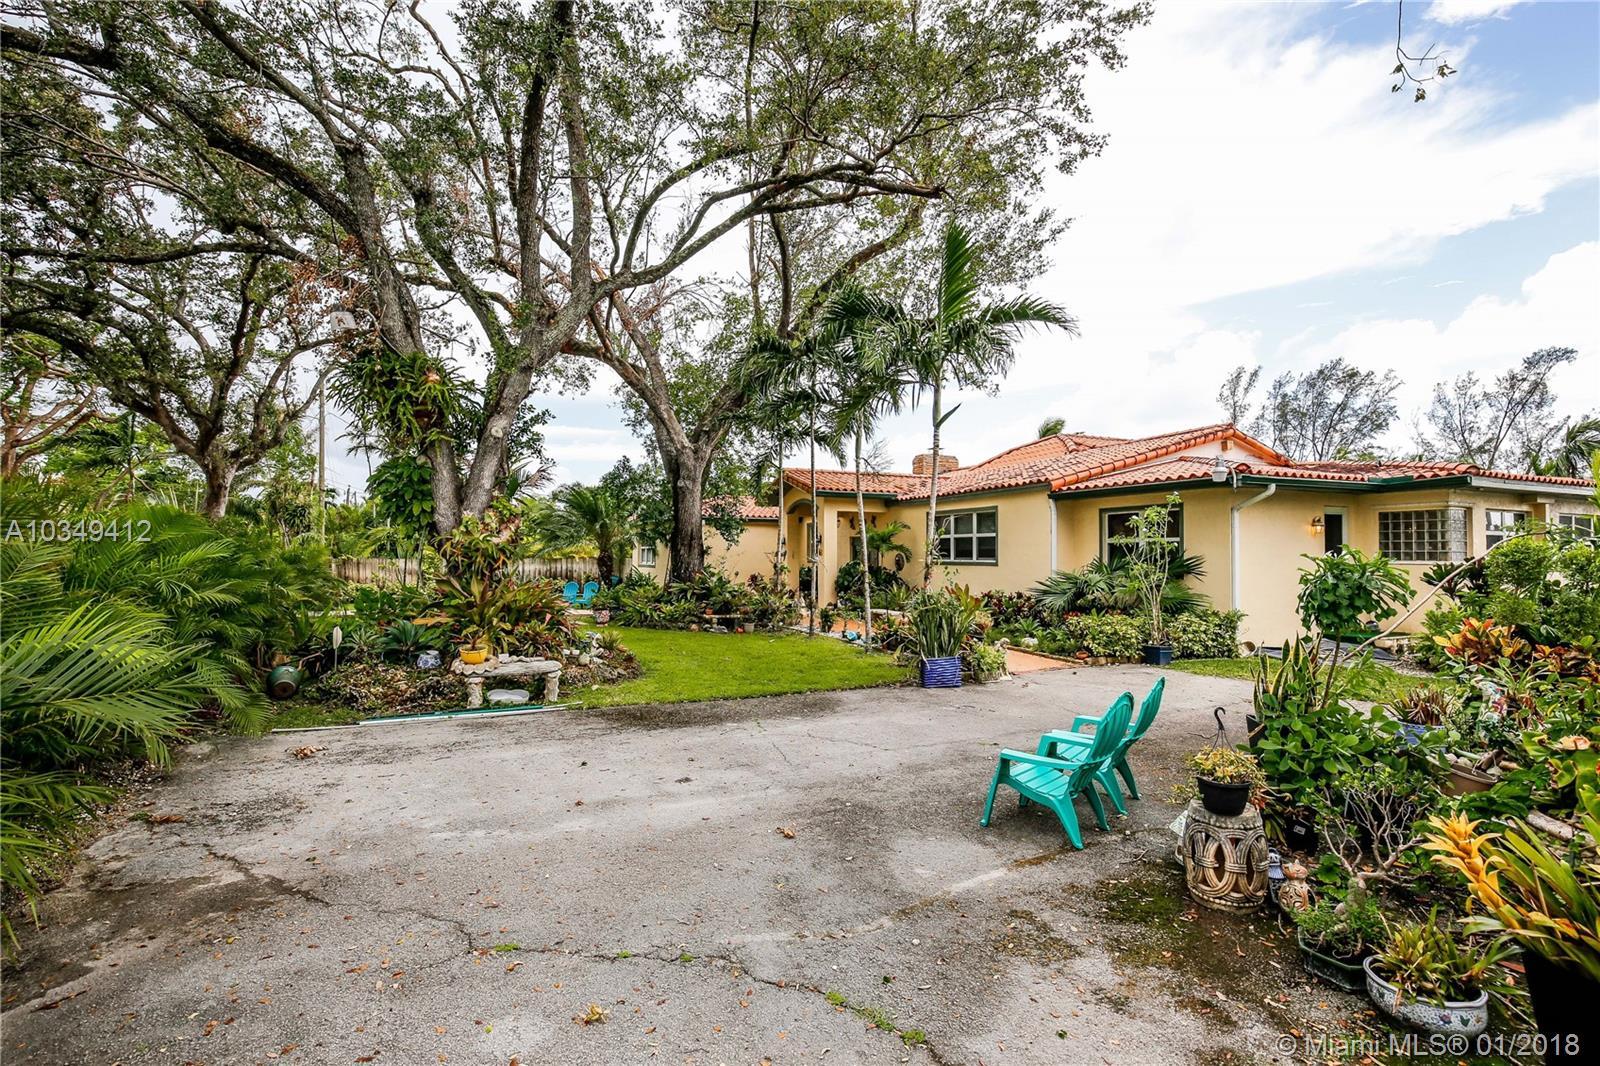 6340 Sw 44 St, Miami FL, 33155